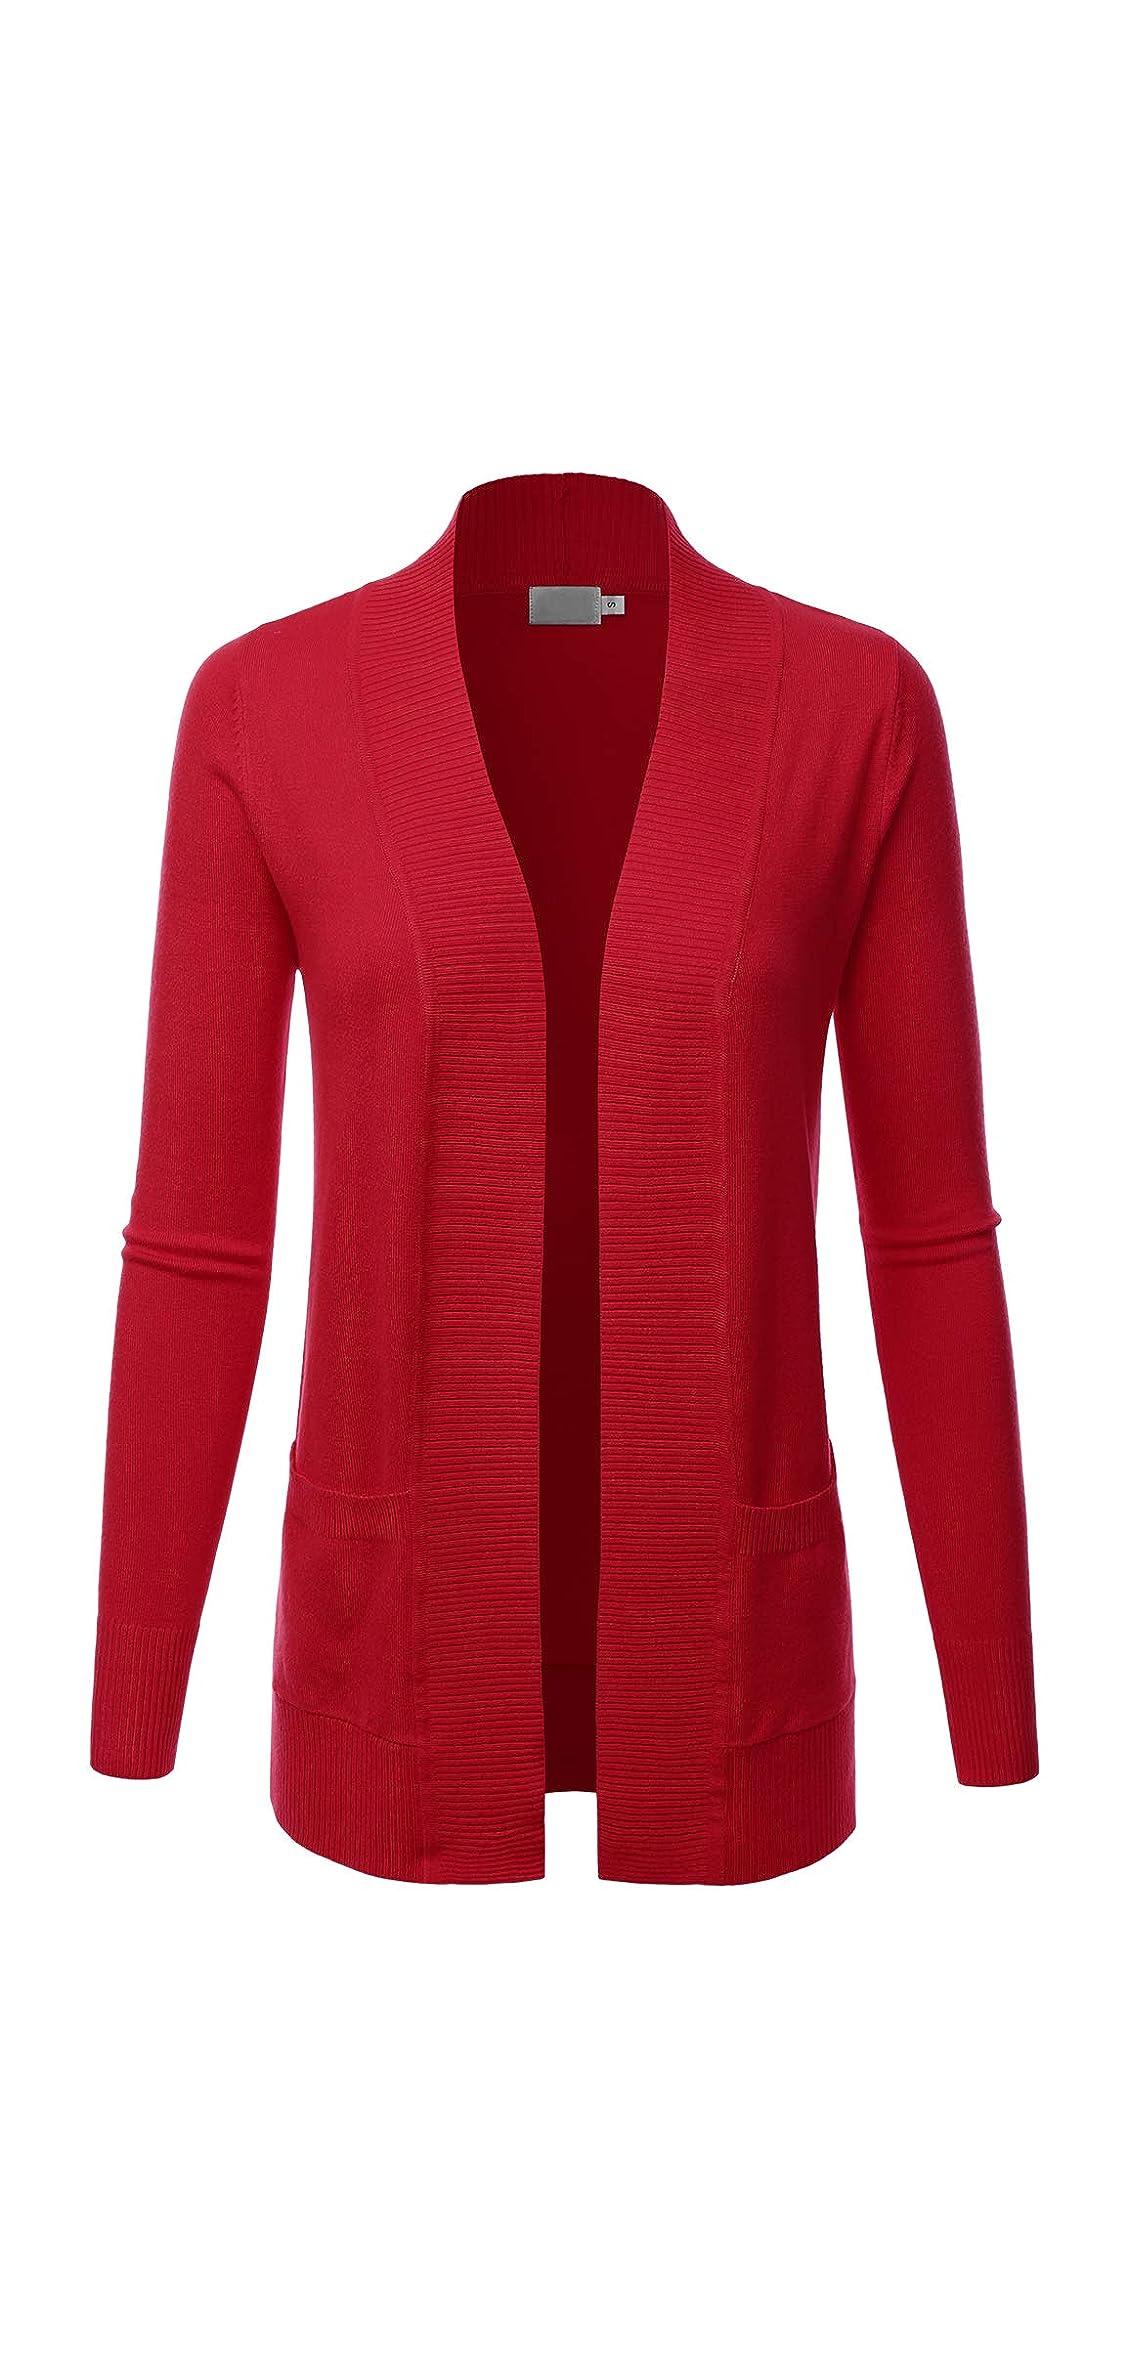 Women's Open Front Pockets Knit Long Sleeve Sweater